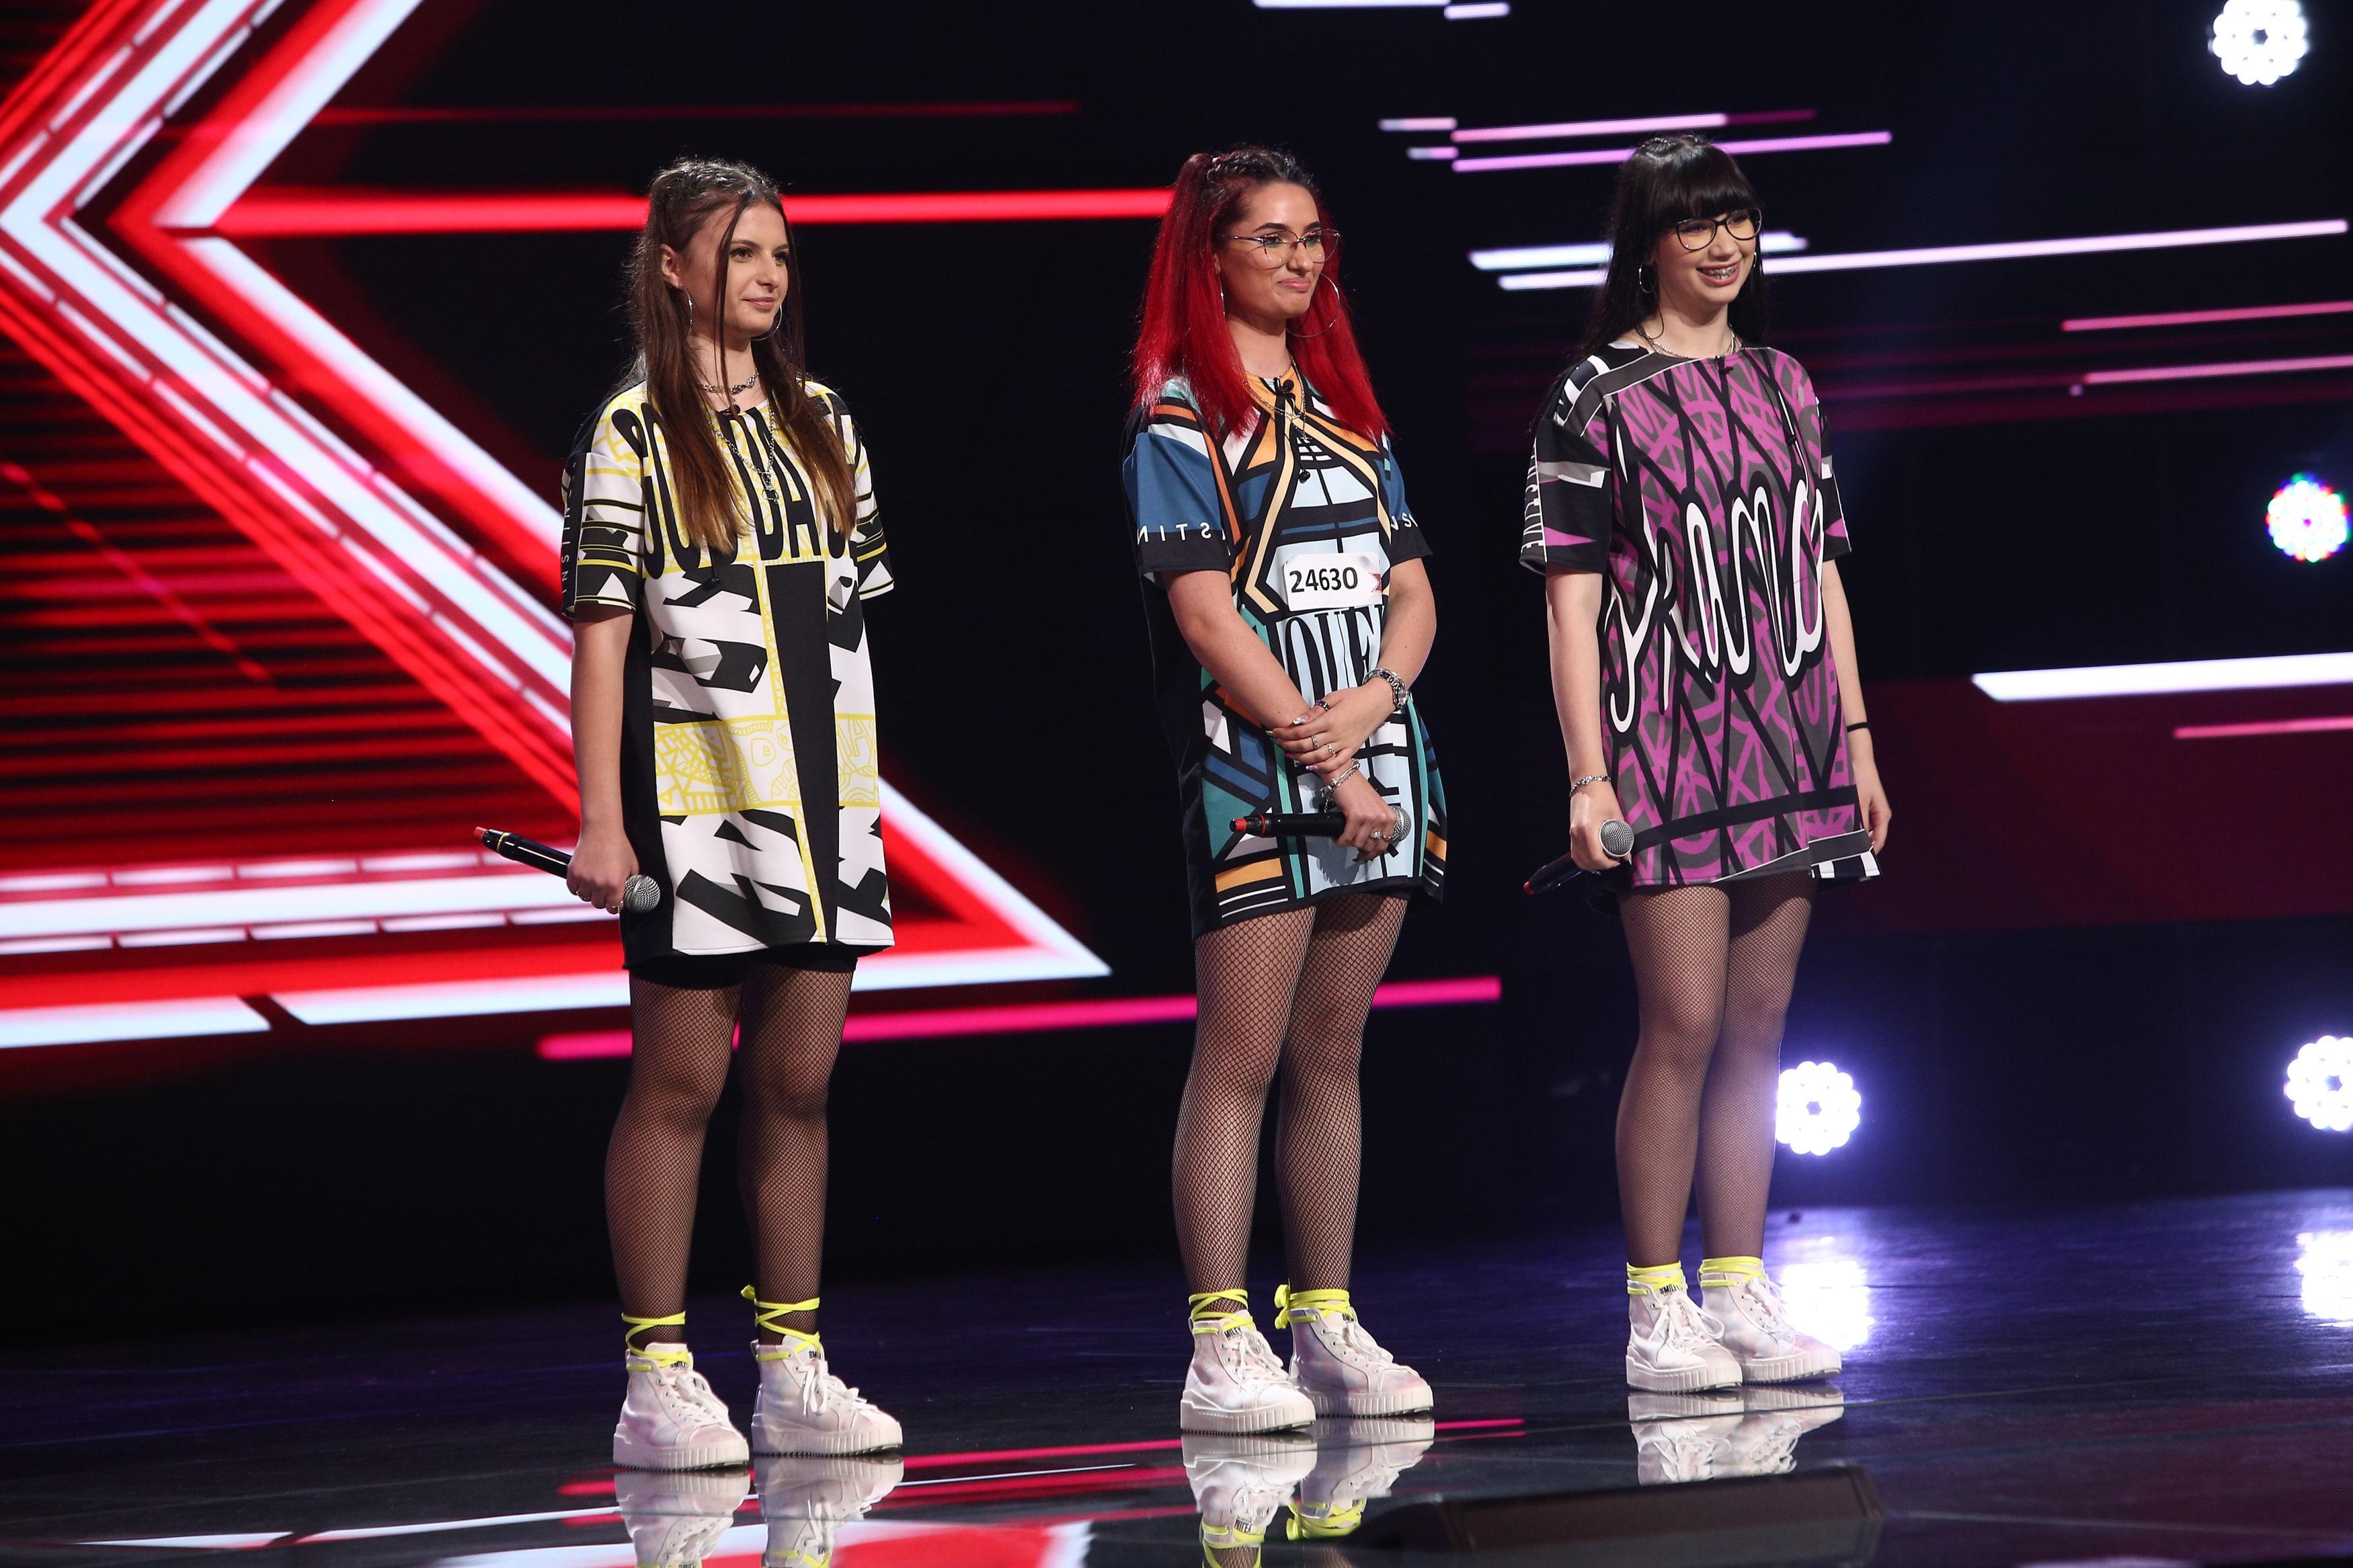 X Factor 2021, 6 septembrie. Trupa Especial, show total cu piesa Bounce Back. Cât de bine s-au descurcat cele trei fete